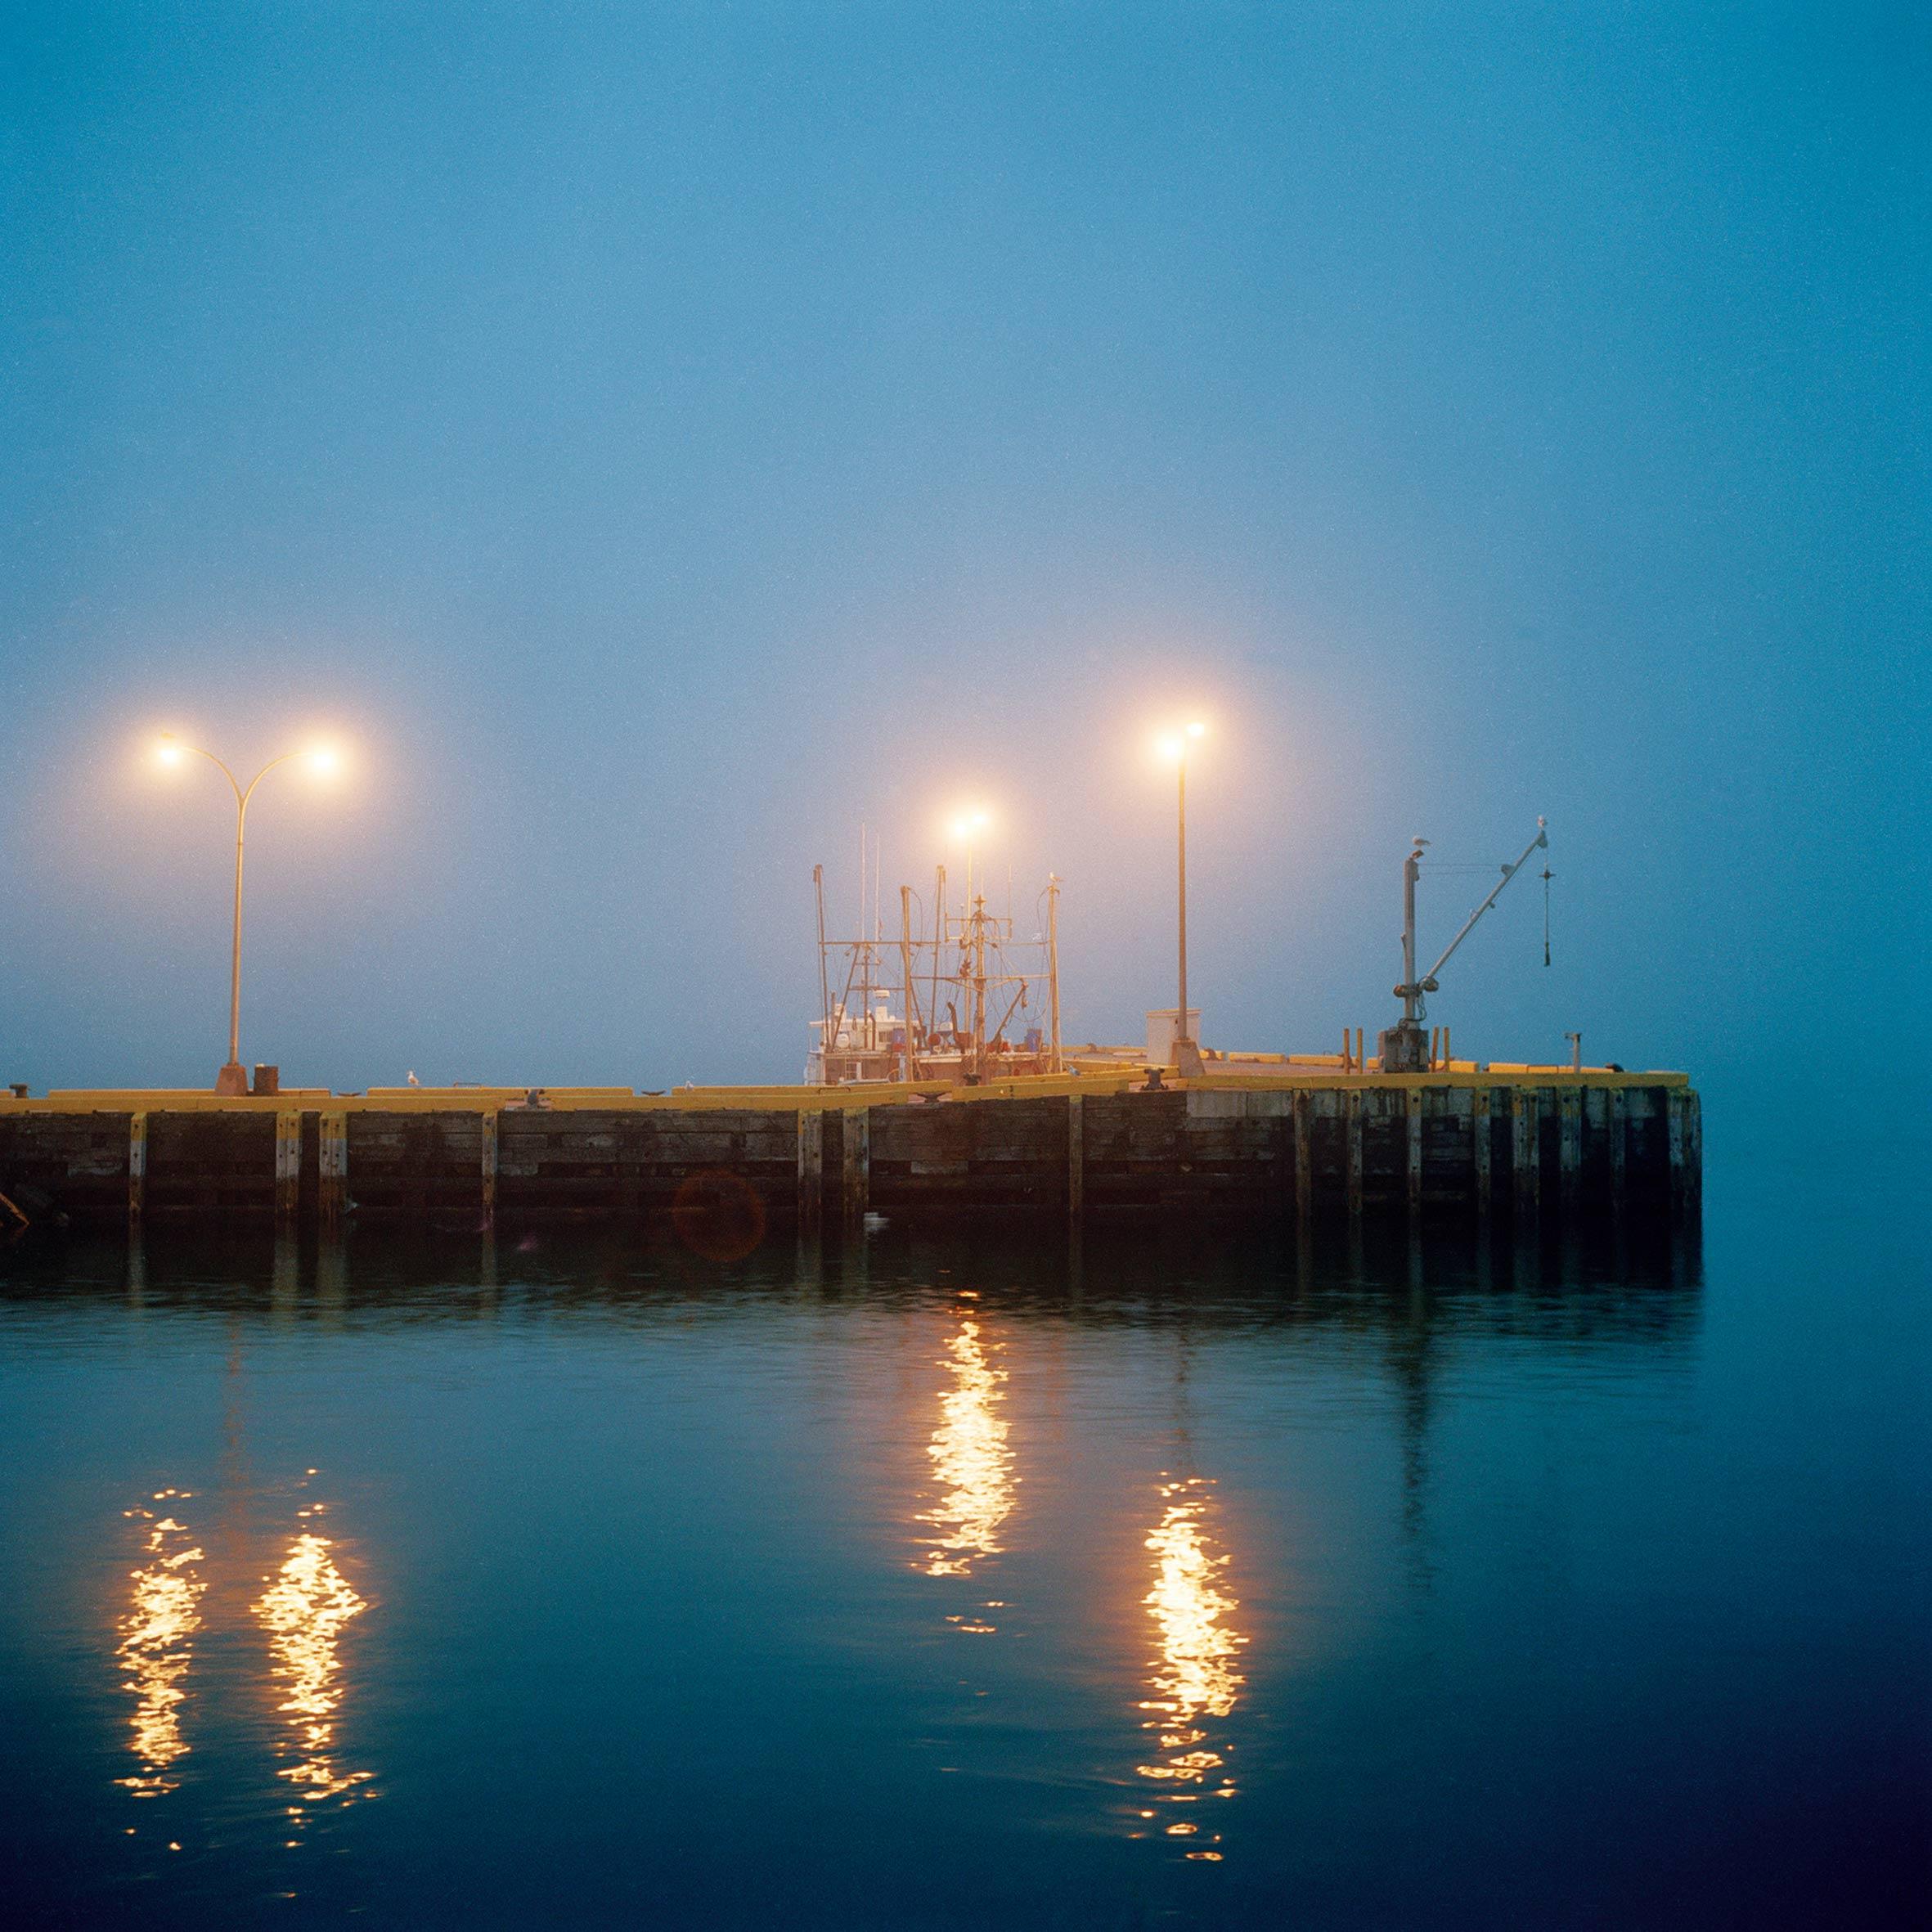 marcher créer, périple autobiographique, territoire du Labrador au Québec, paysage, nuit, port, mer, fleuve,